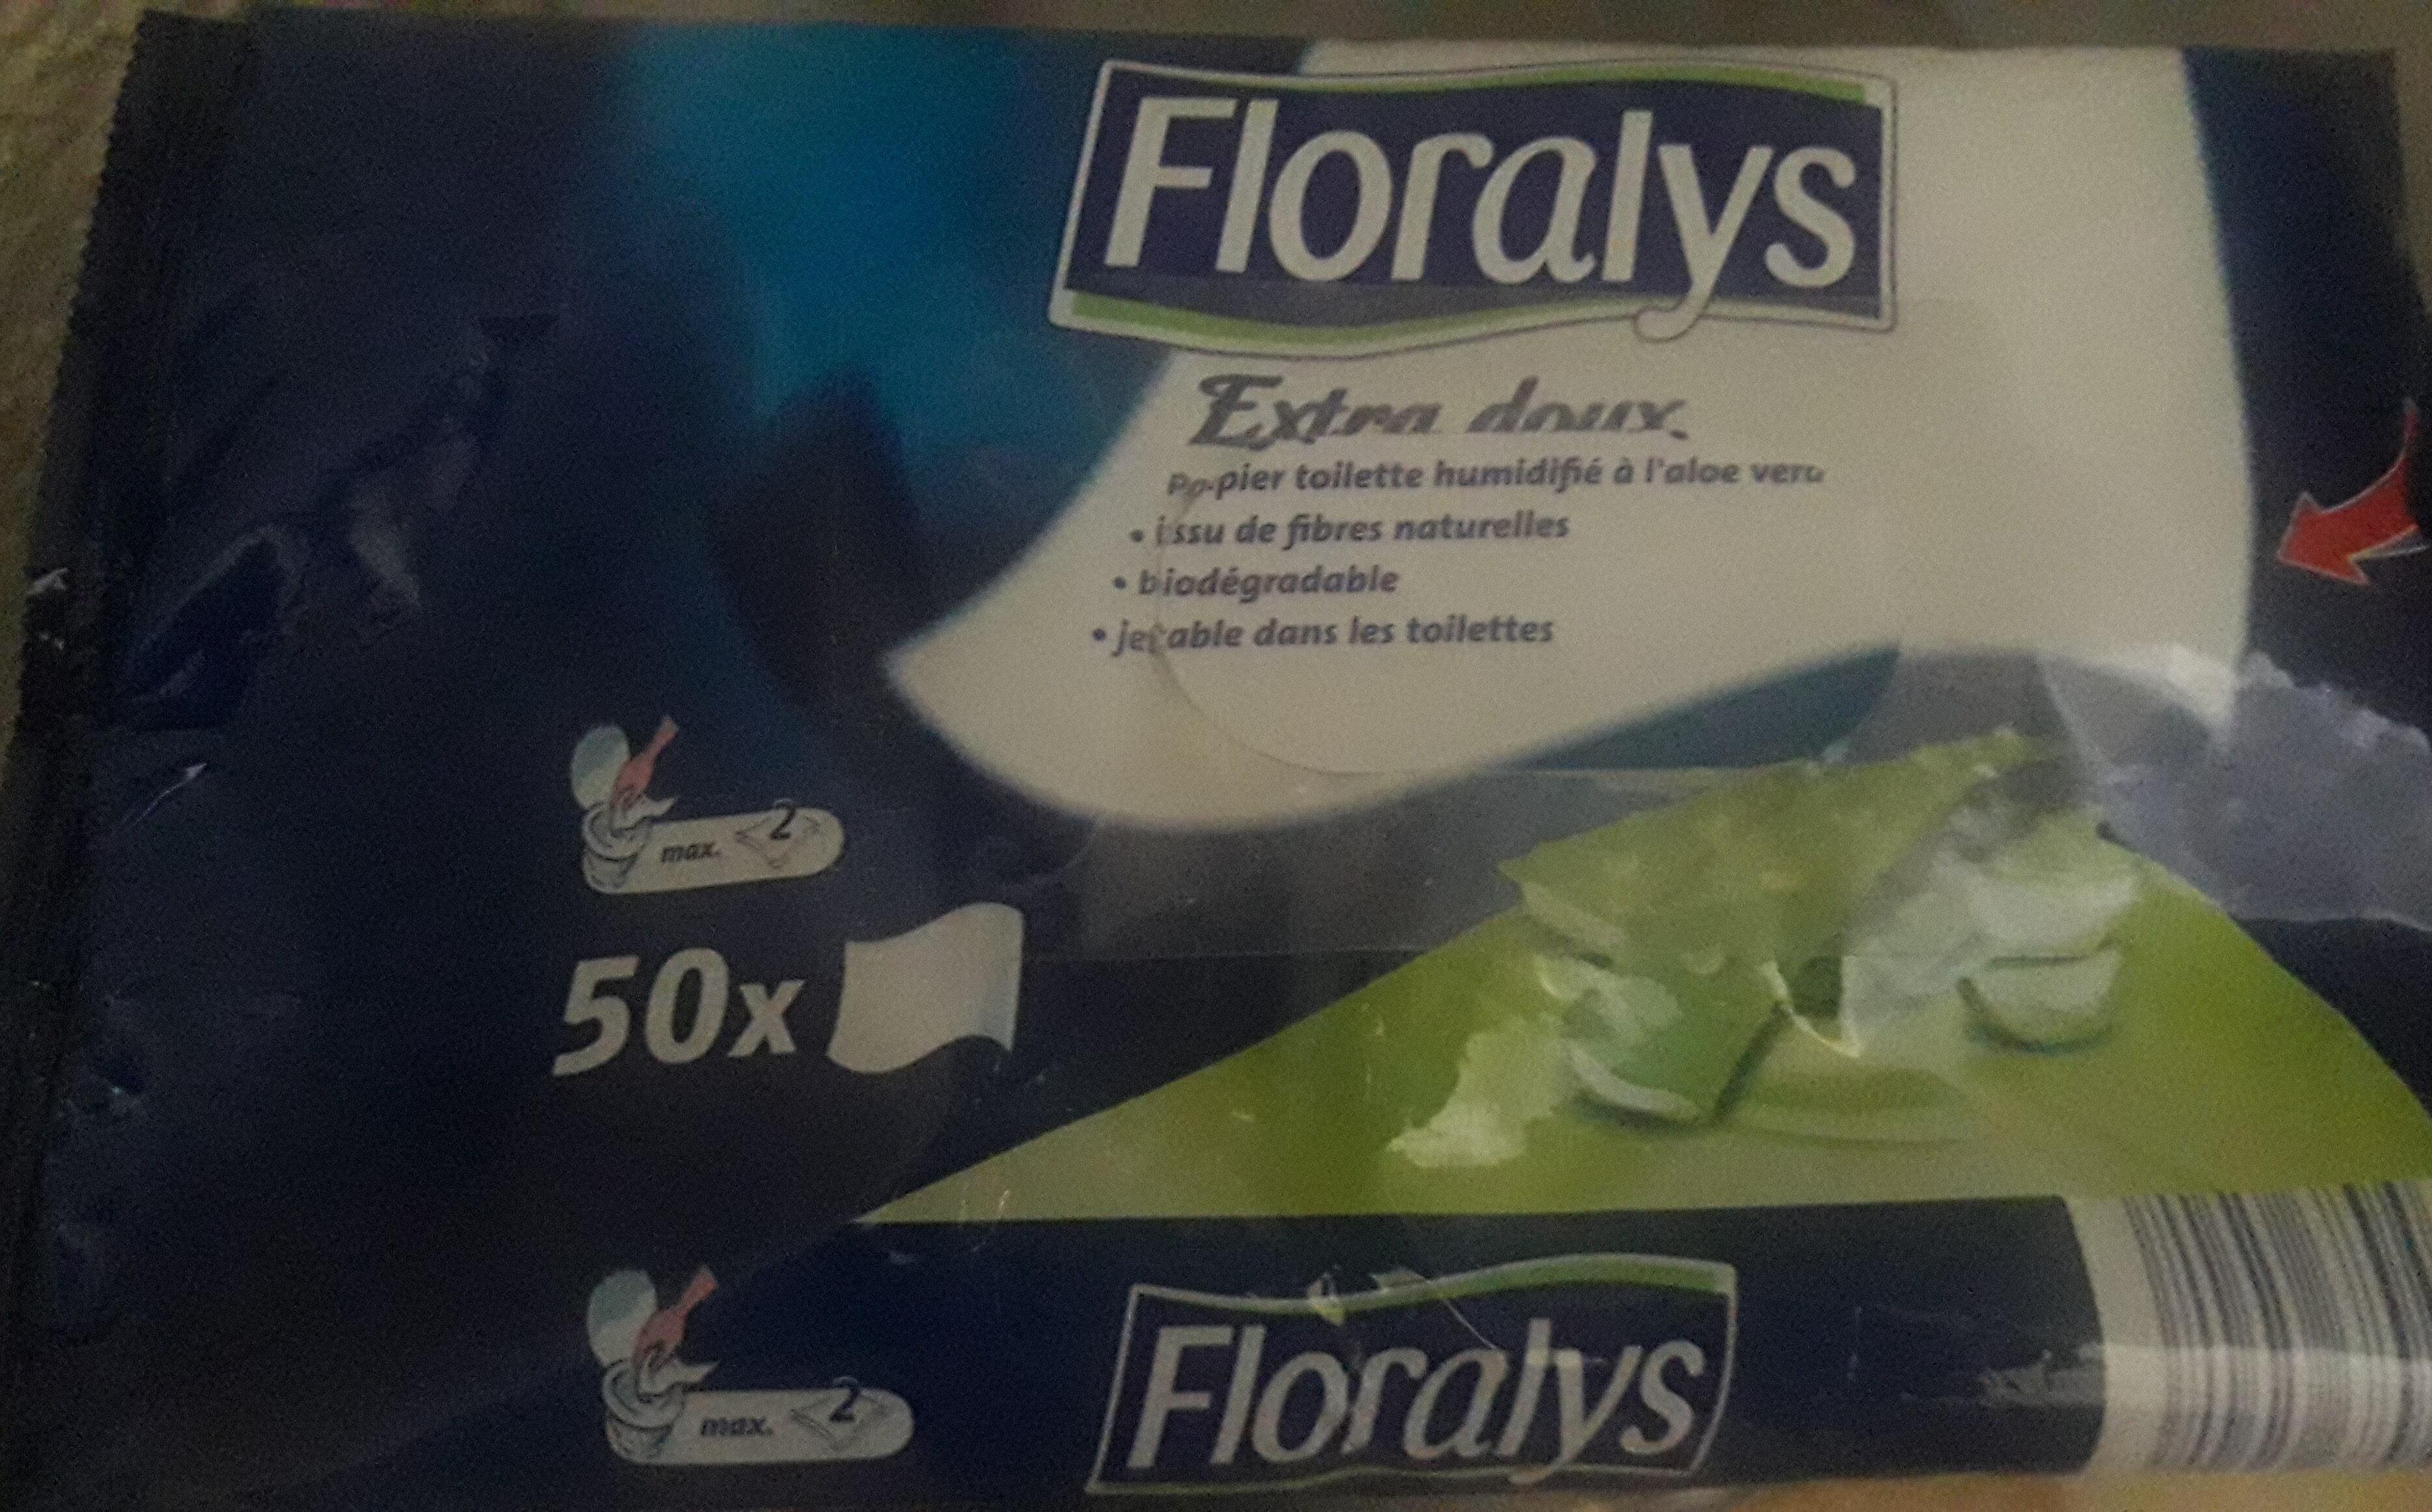 papier toilette humidifié - Product - fr